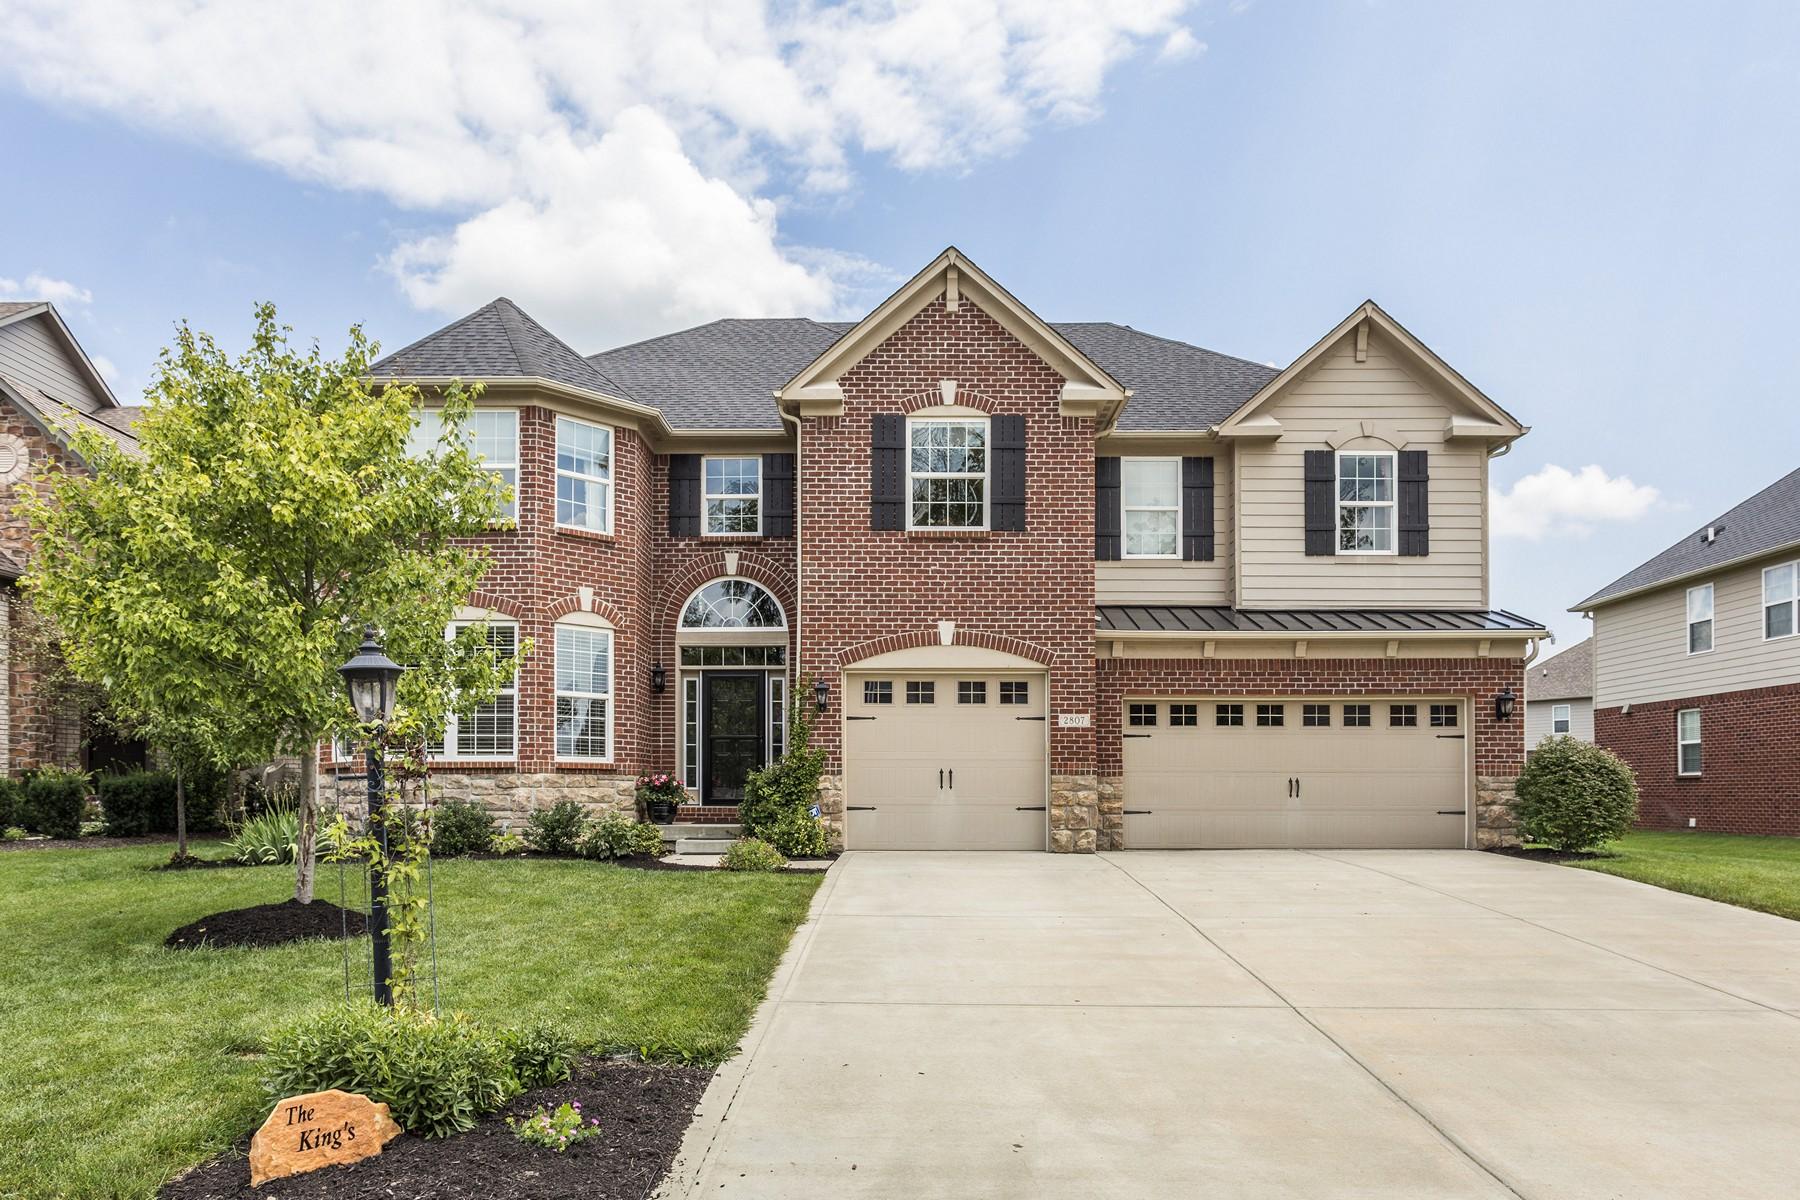 Частный односемейный дом для того Продажа на Beautiful Home 2807 Newbury Court Zionsville, Индиана, 46077 Соединенные Штаты